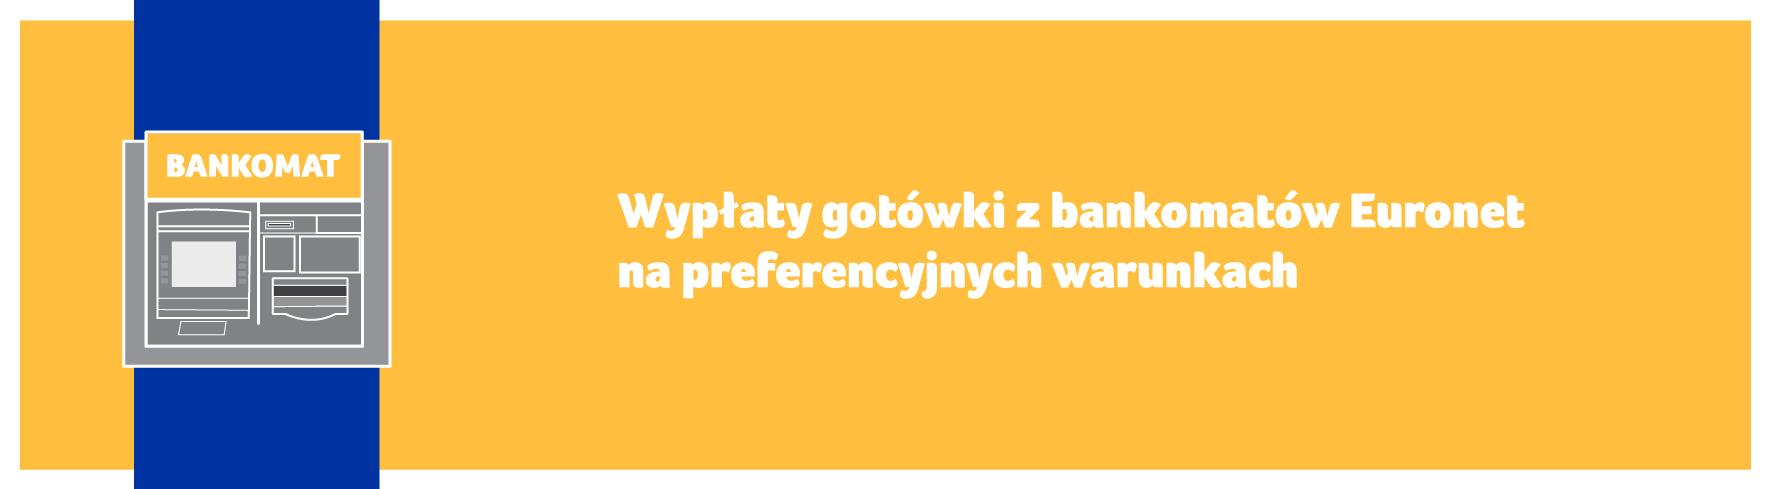 11283-wyplaty-z-bankomatow-euronet1771x489jch-v20.png